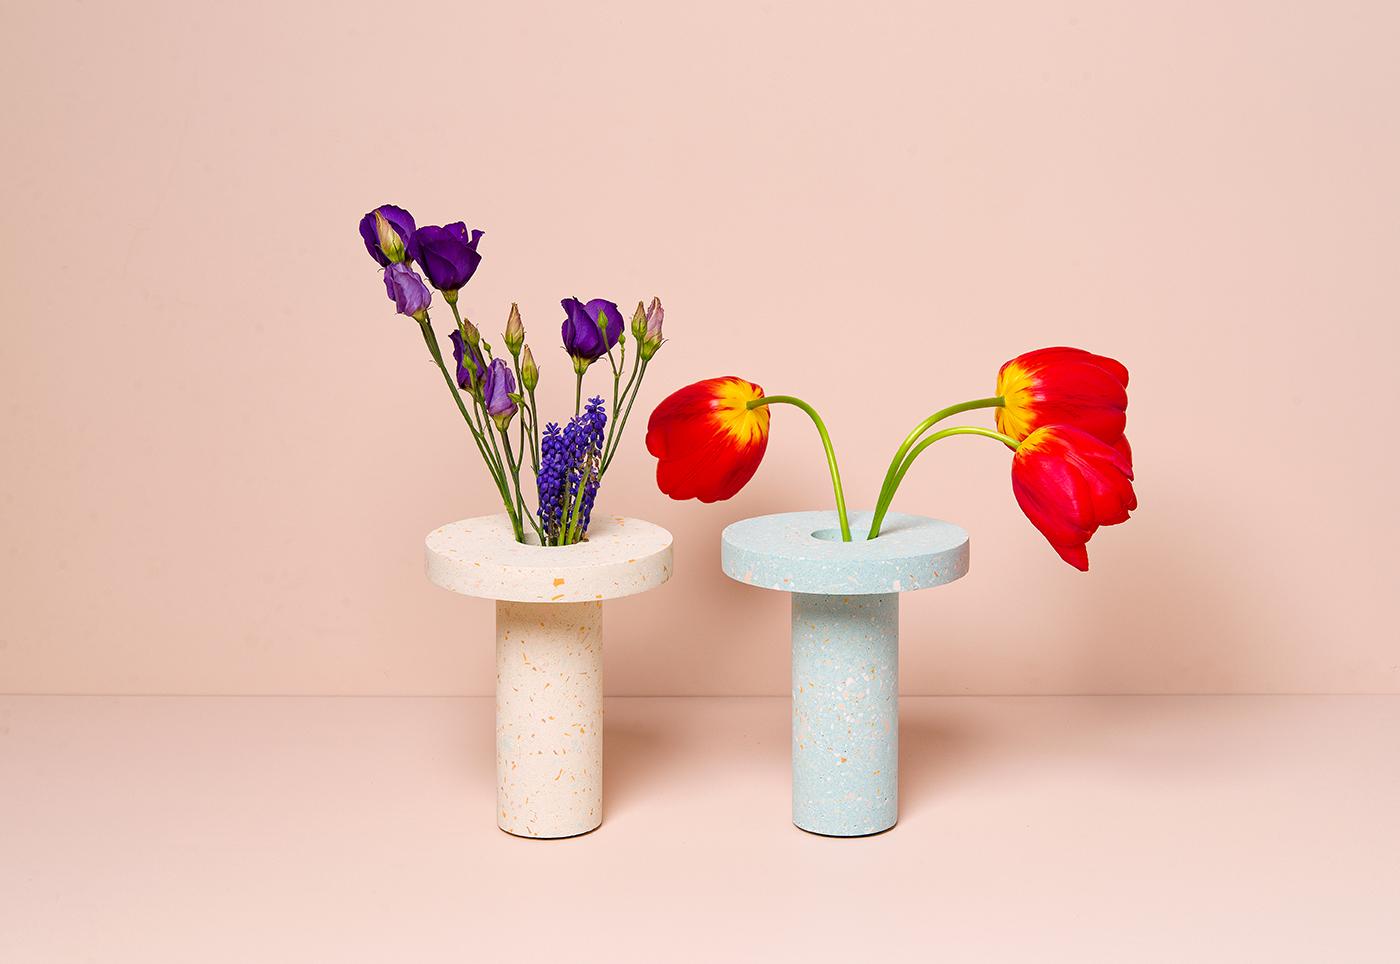 OAS_OG_Vibrant_Double_Centre_Cream_Flowers_LR.jpg